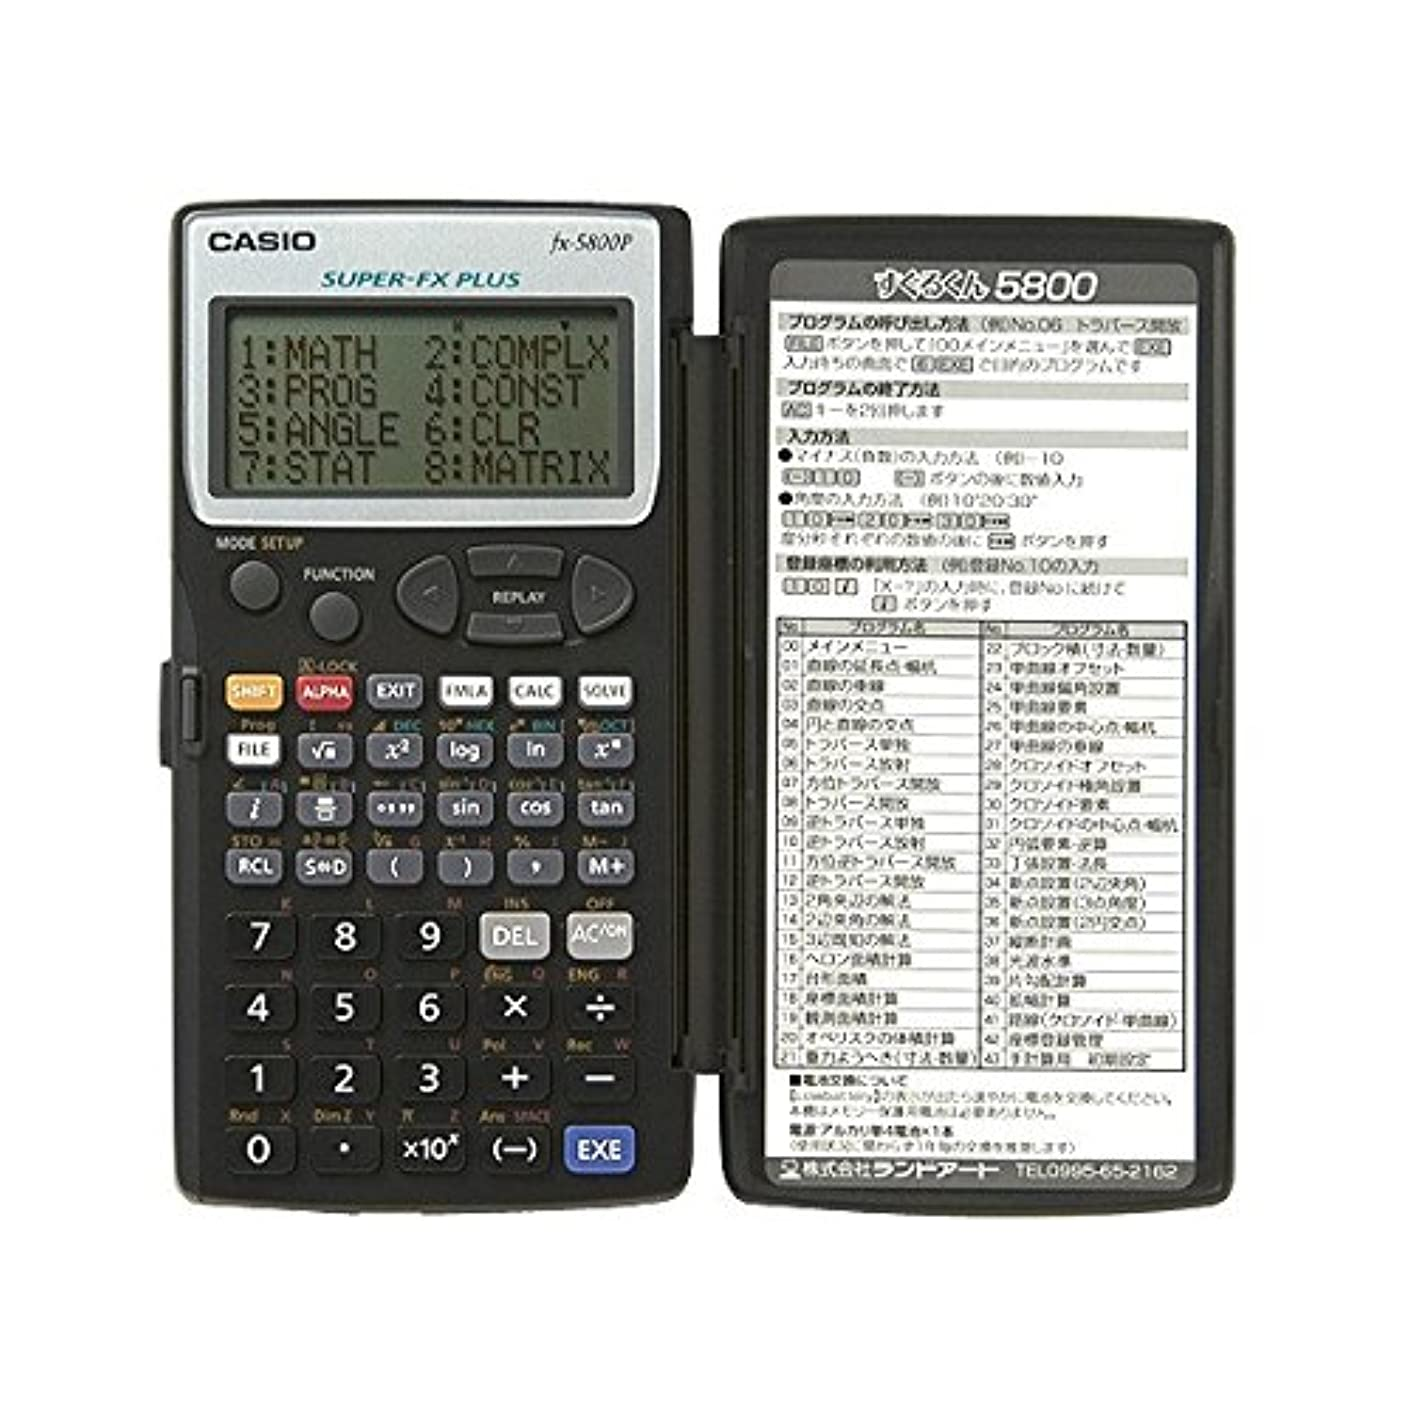 ミシン誓いリンクハイビスカス(HIBISCUS) 測量電卓 すぐるくん5800 オリジナルバージョン プログラム関数電卓 携帯測量ツール